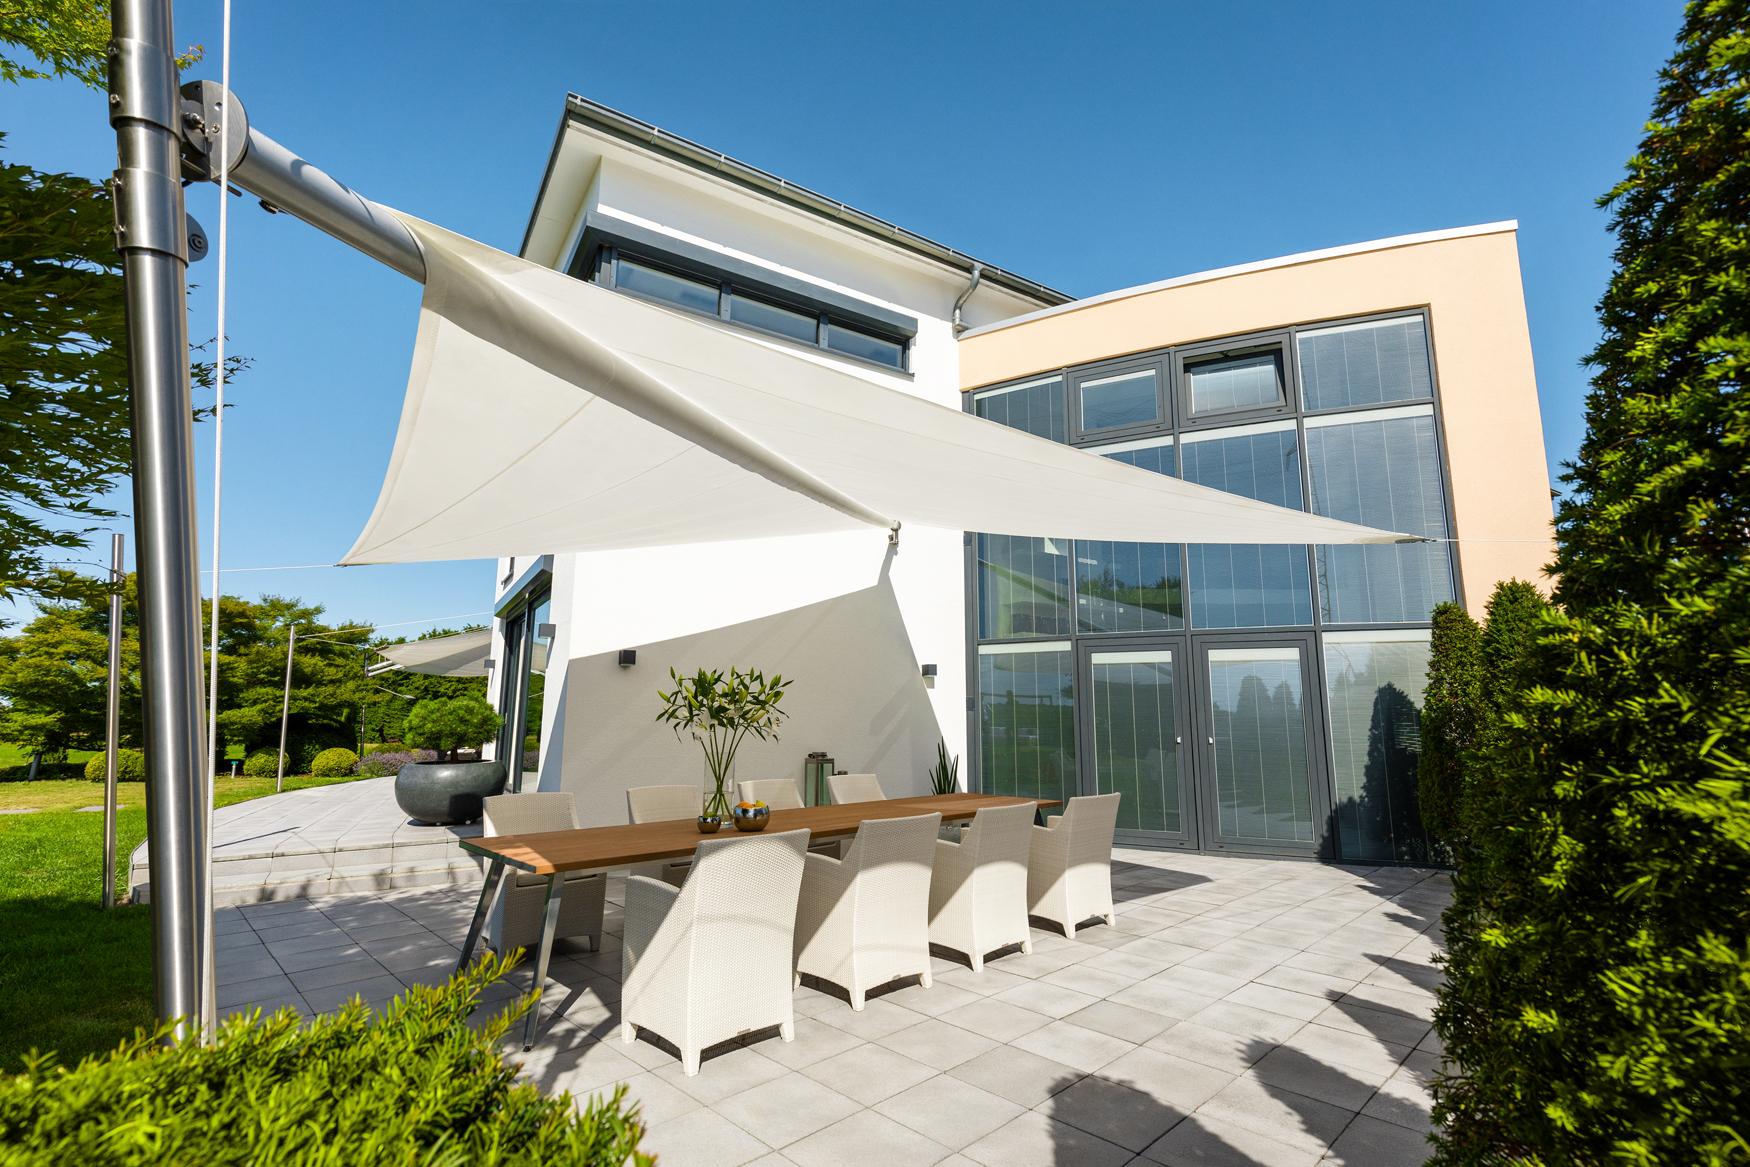 Sonnensegel für große Terrassenbereiche.jpg